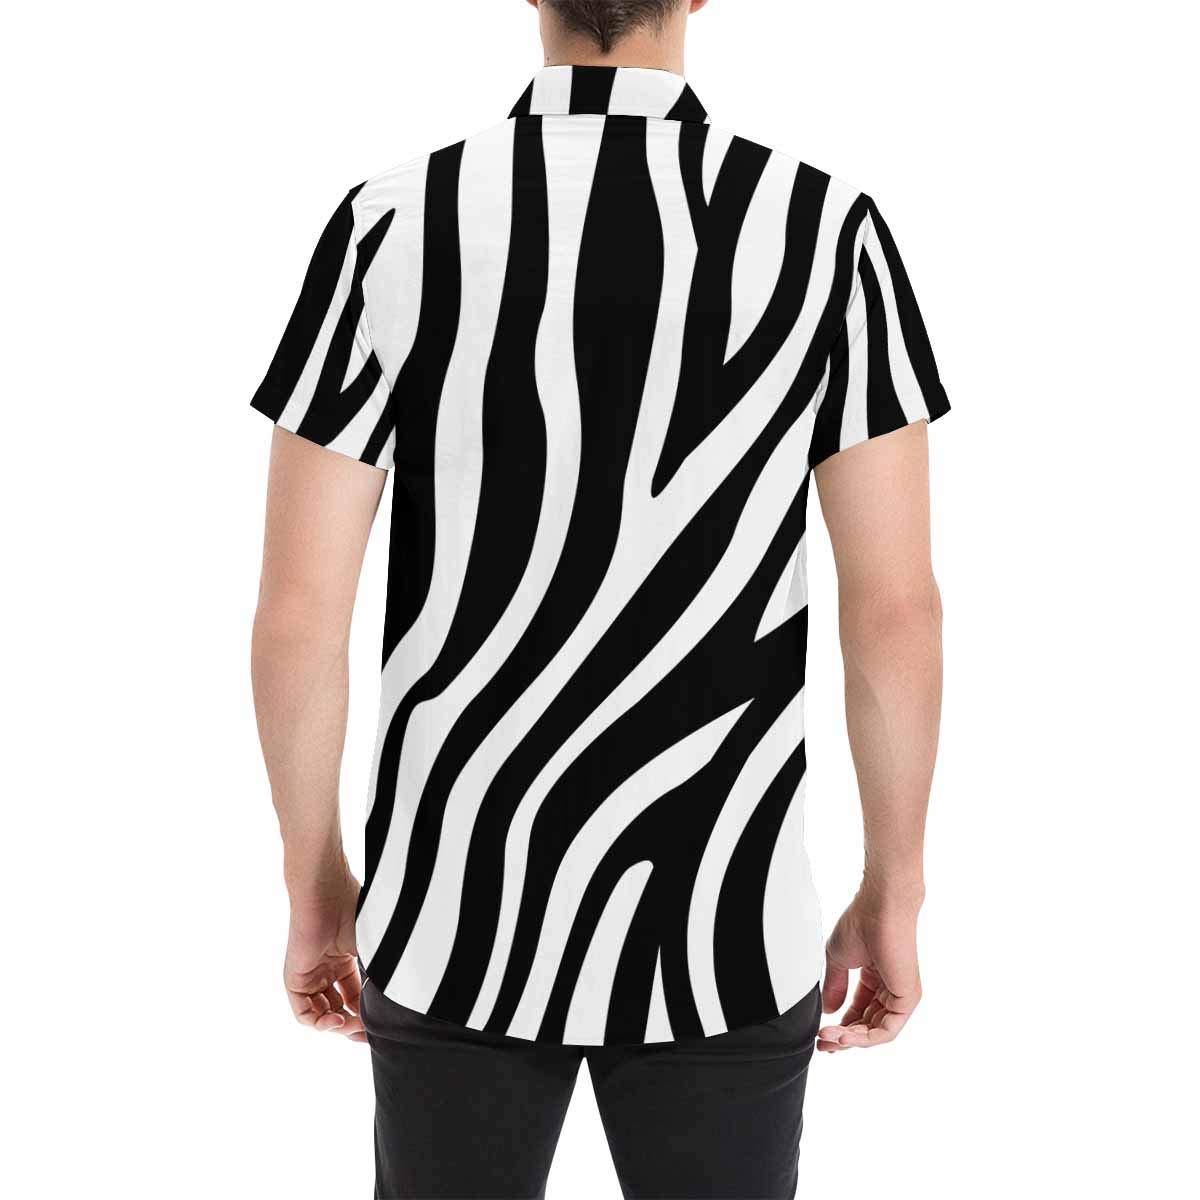 InterestPrint Summer Button Up Zebra Stripes Short Sleeve Regular Fit for Men S-5XL